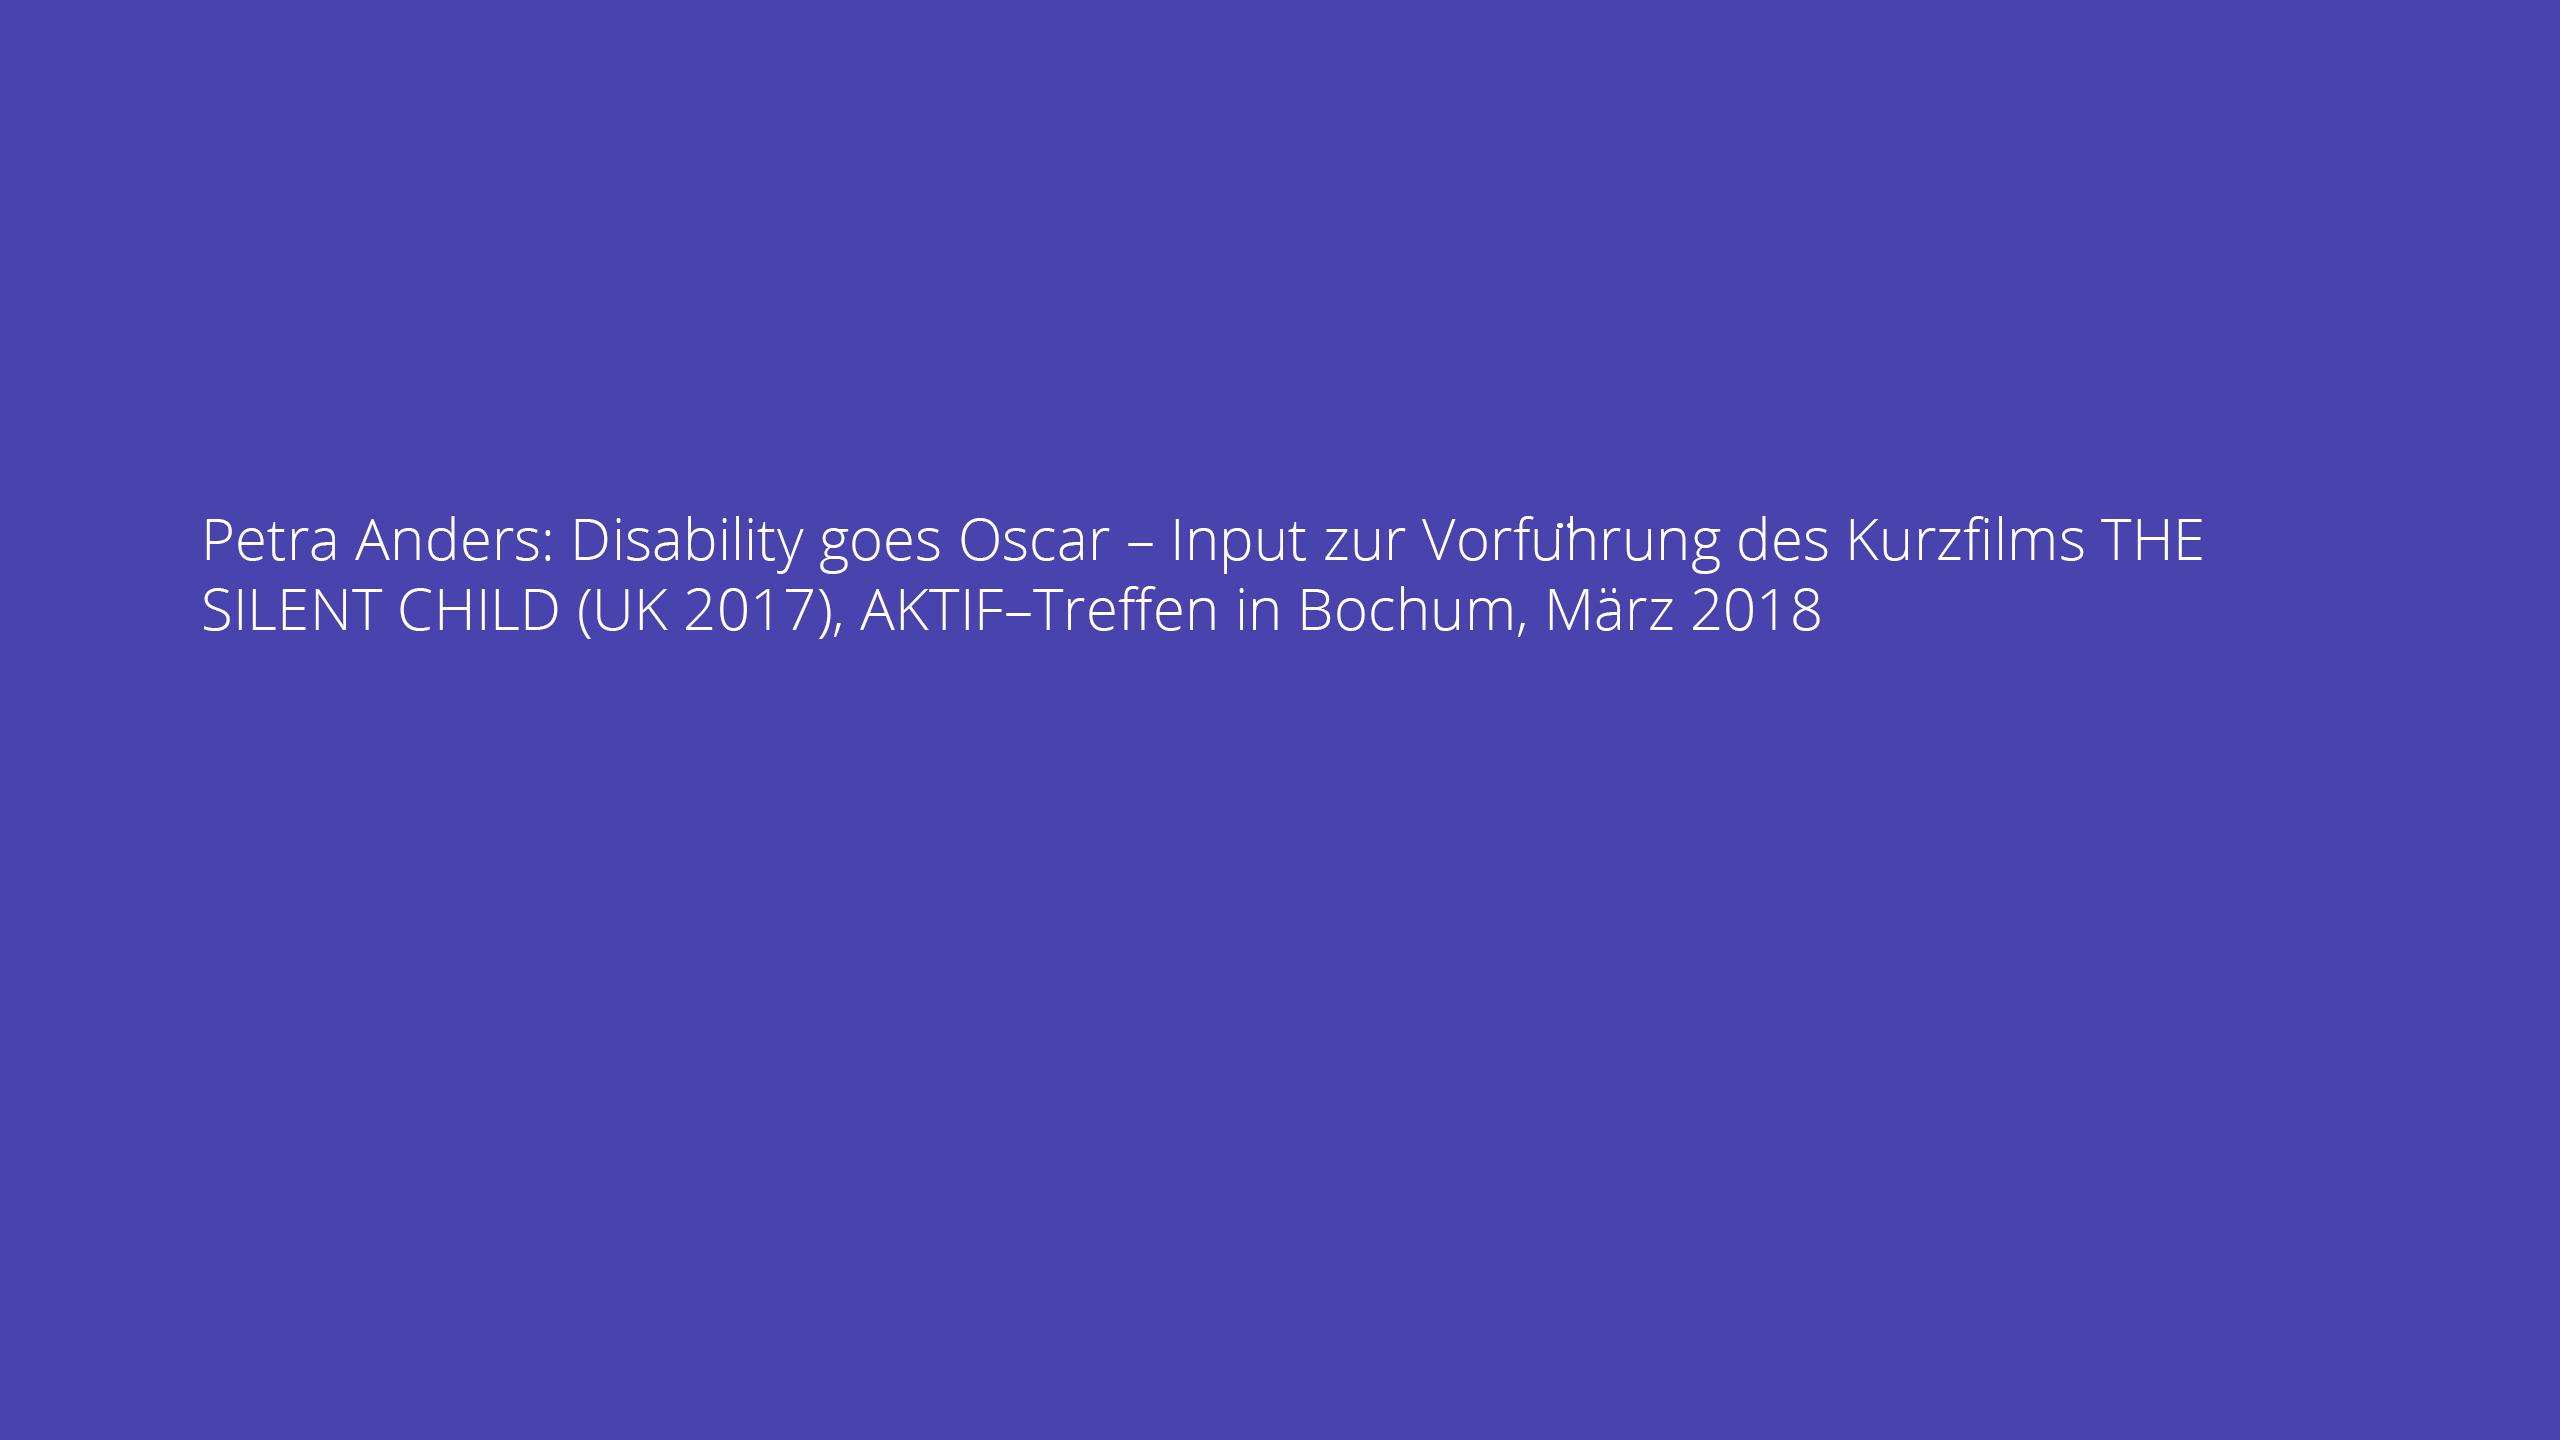 Disability goes Oscar – Input zur Vorführung des Kurzfilms THE SILENT CHILD (UK 2017), AKTIF–Treffen in Bochum, März 2018